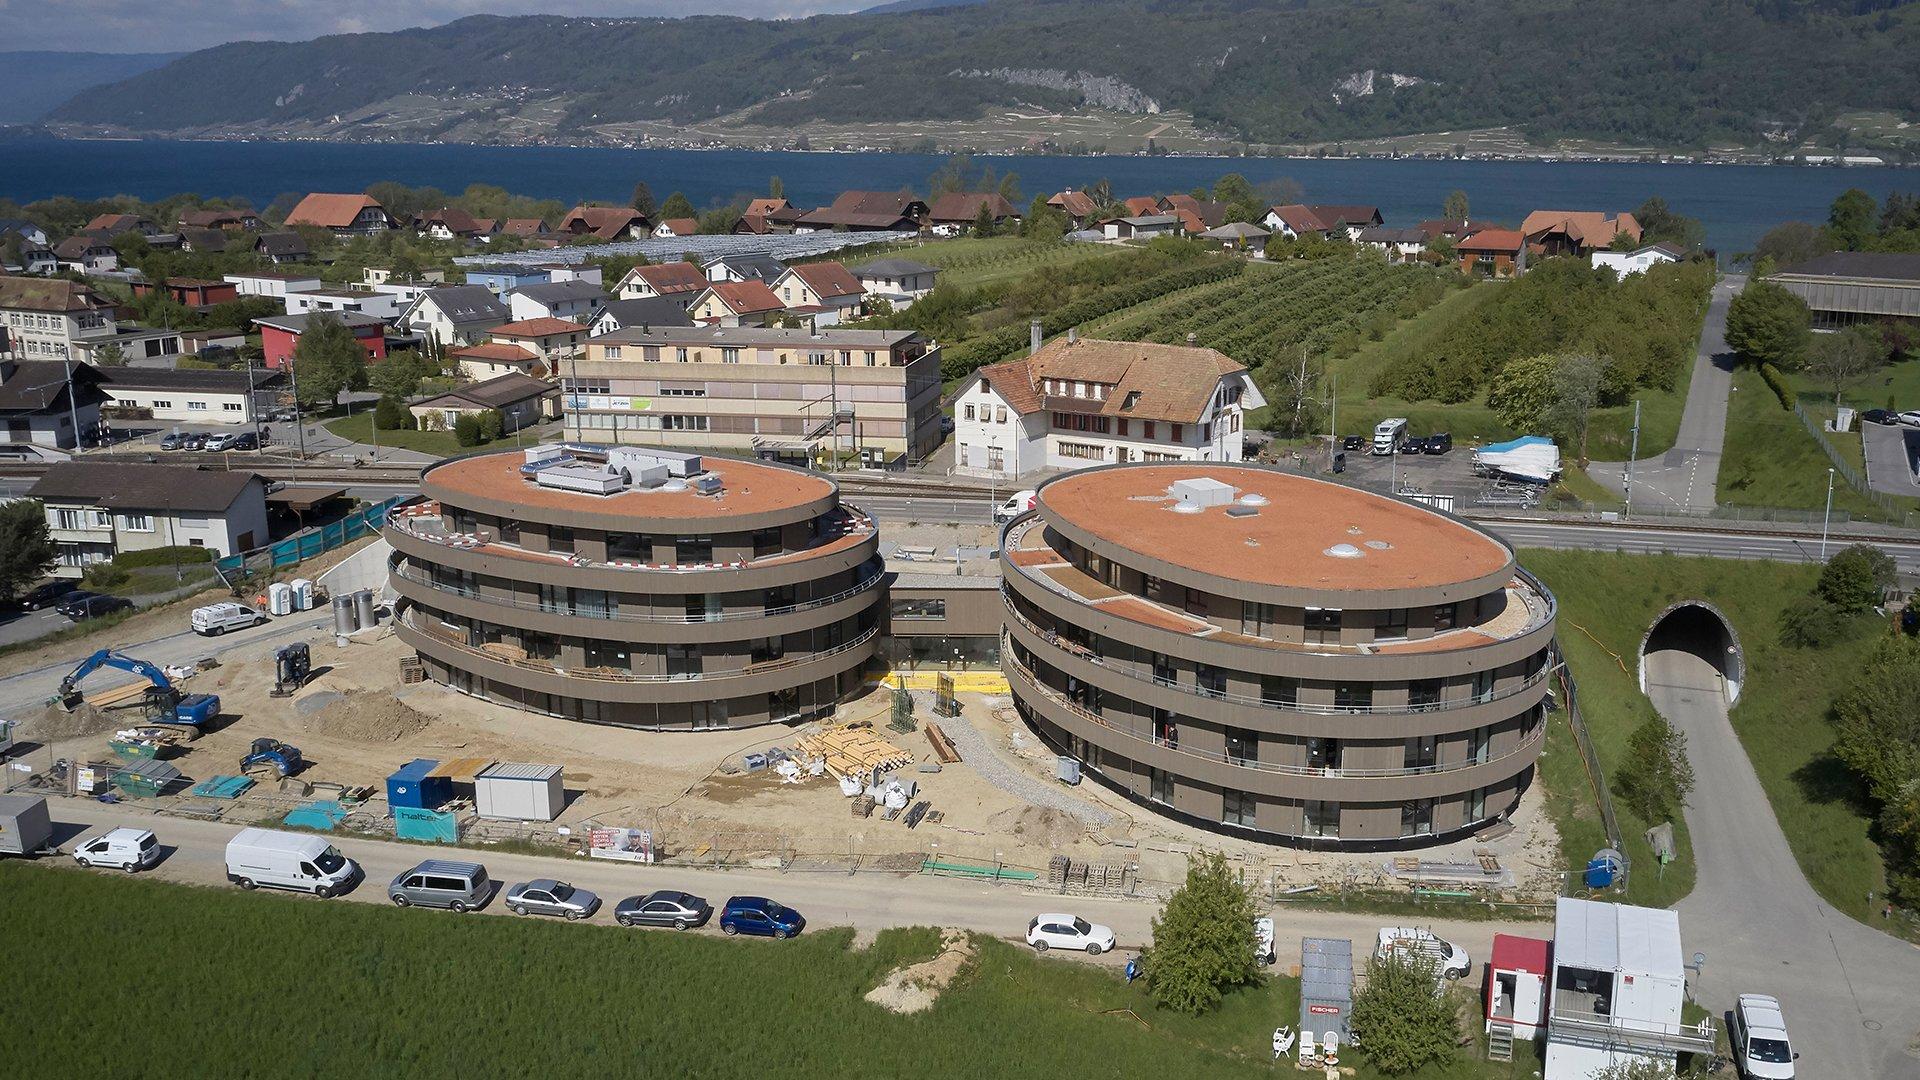 Drohnenaufnahmen Bauphase Gebäude mit See im Hintergrund